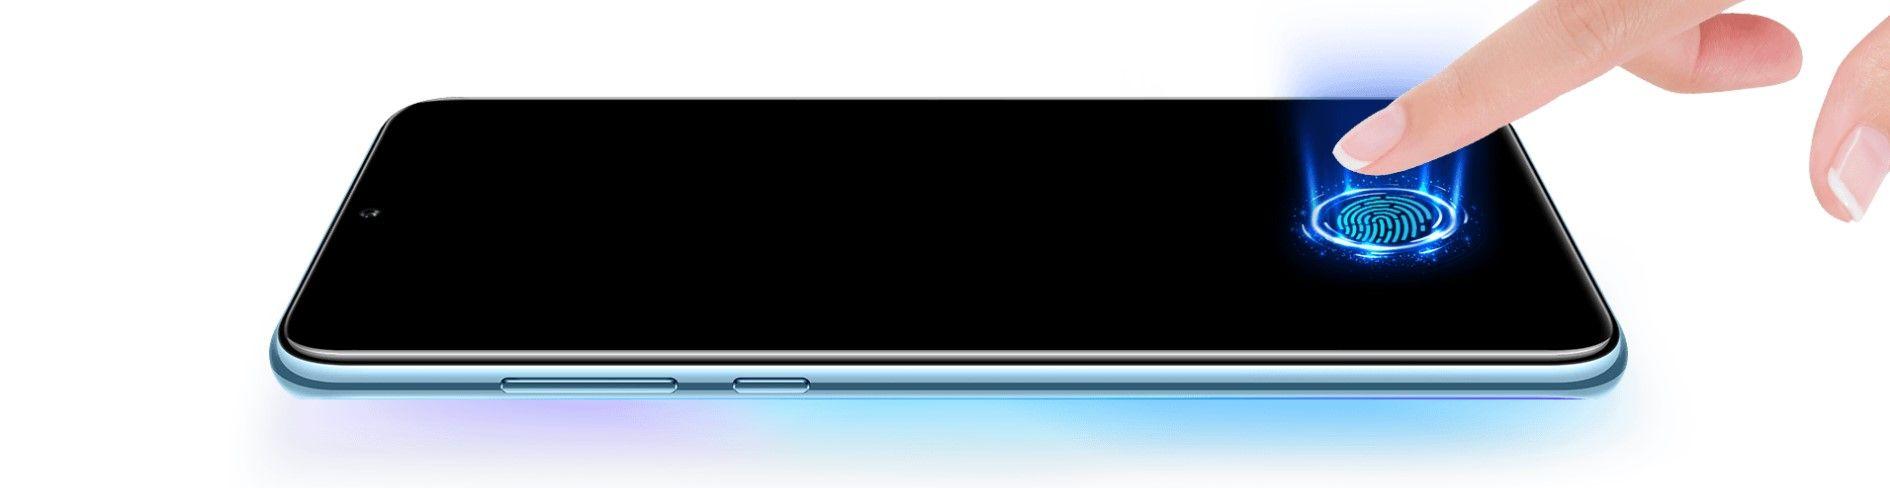 Huawei Y8p сканер отпечатка пальца